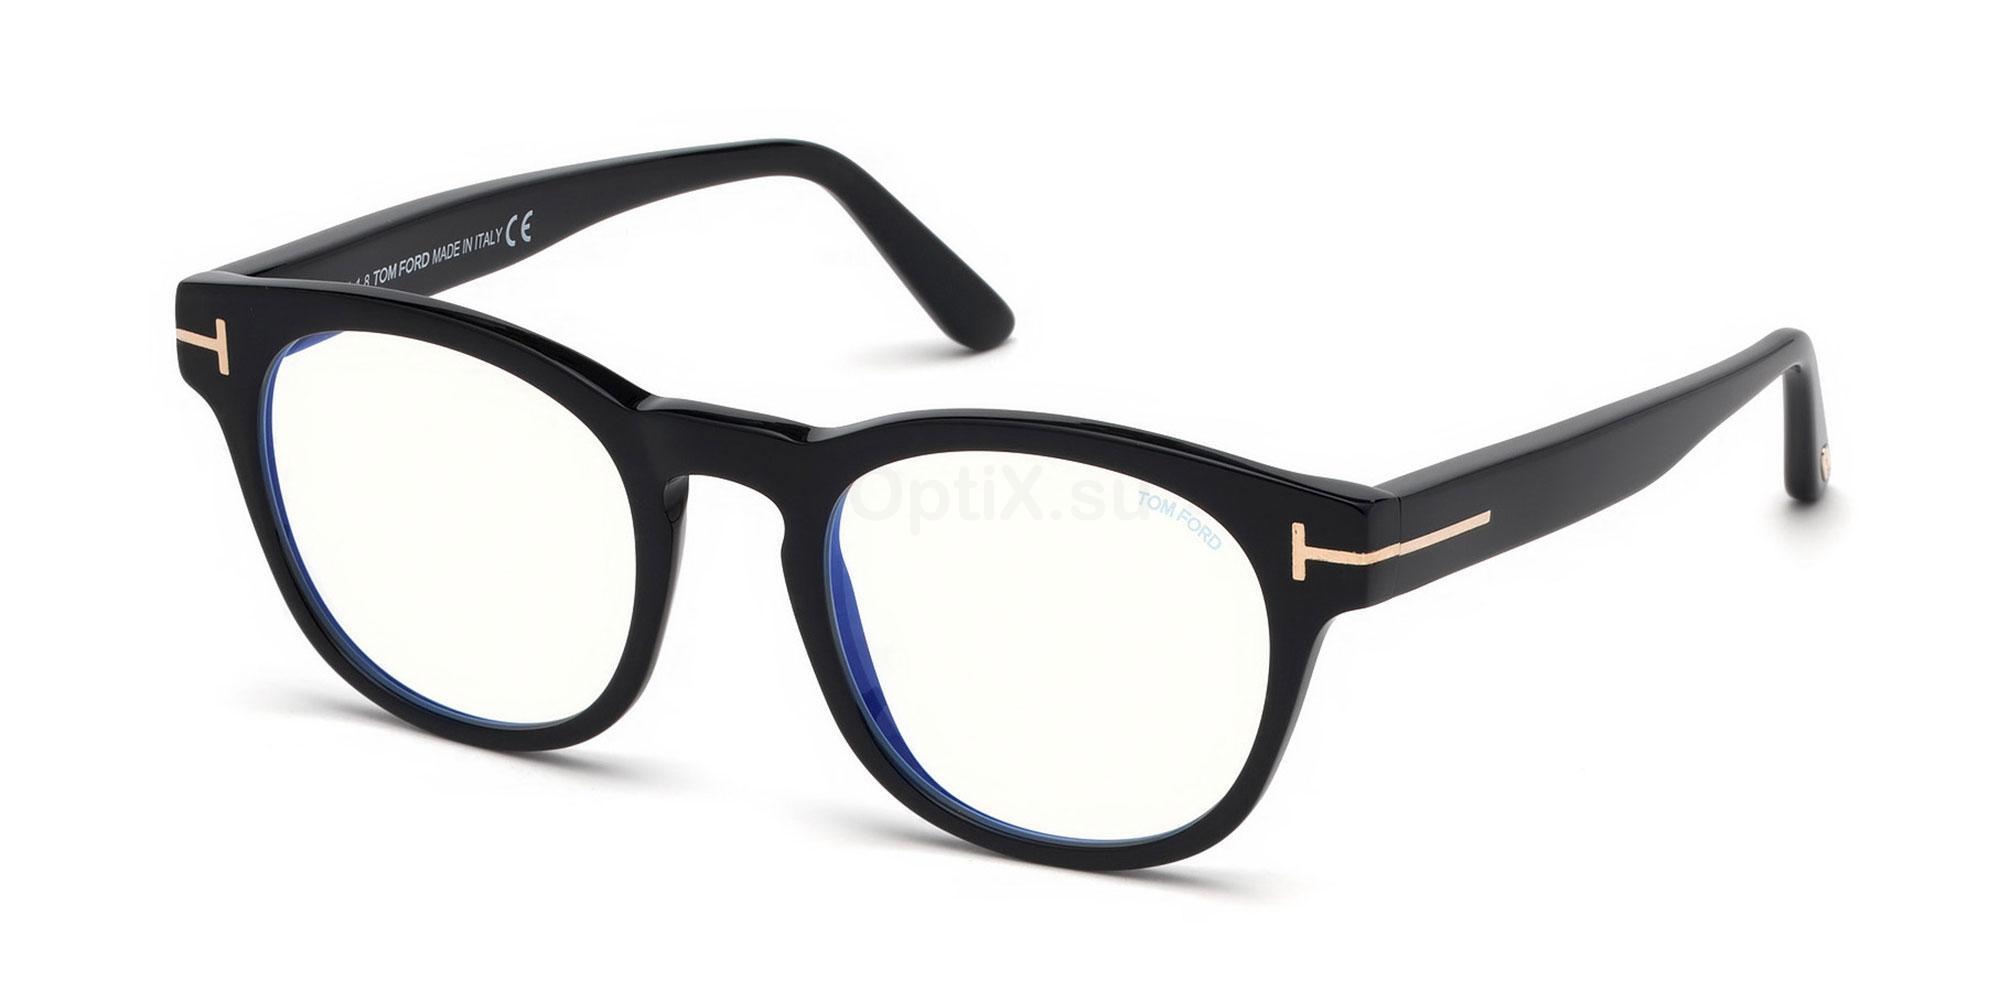 001 FT5543-B Glasses, Tom Ford